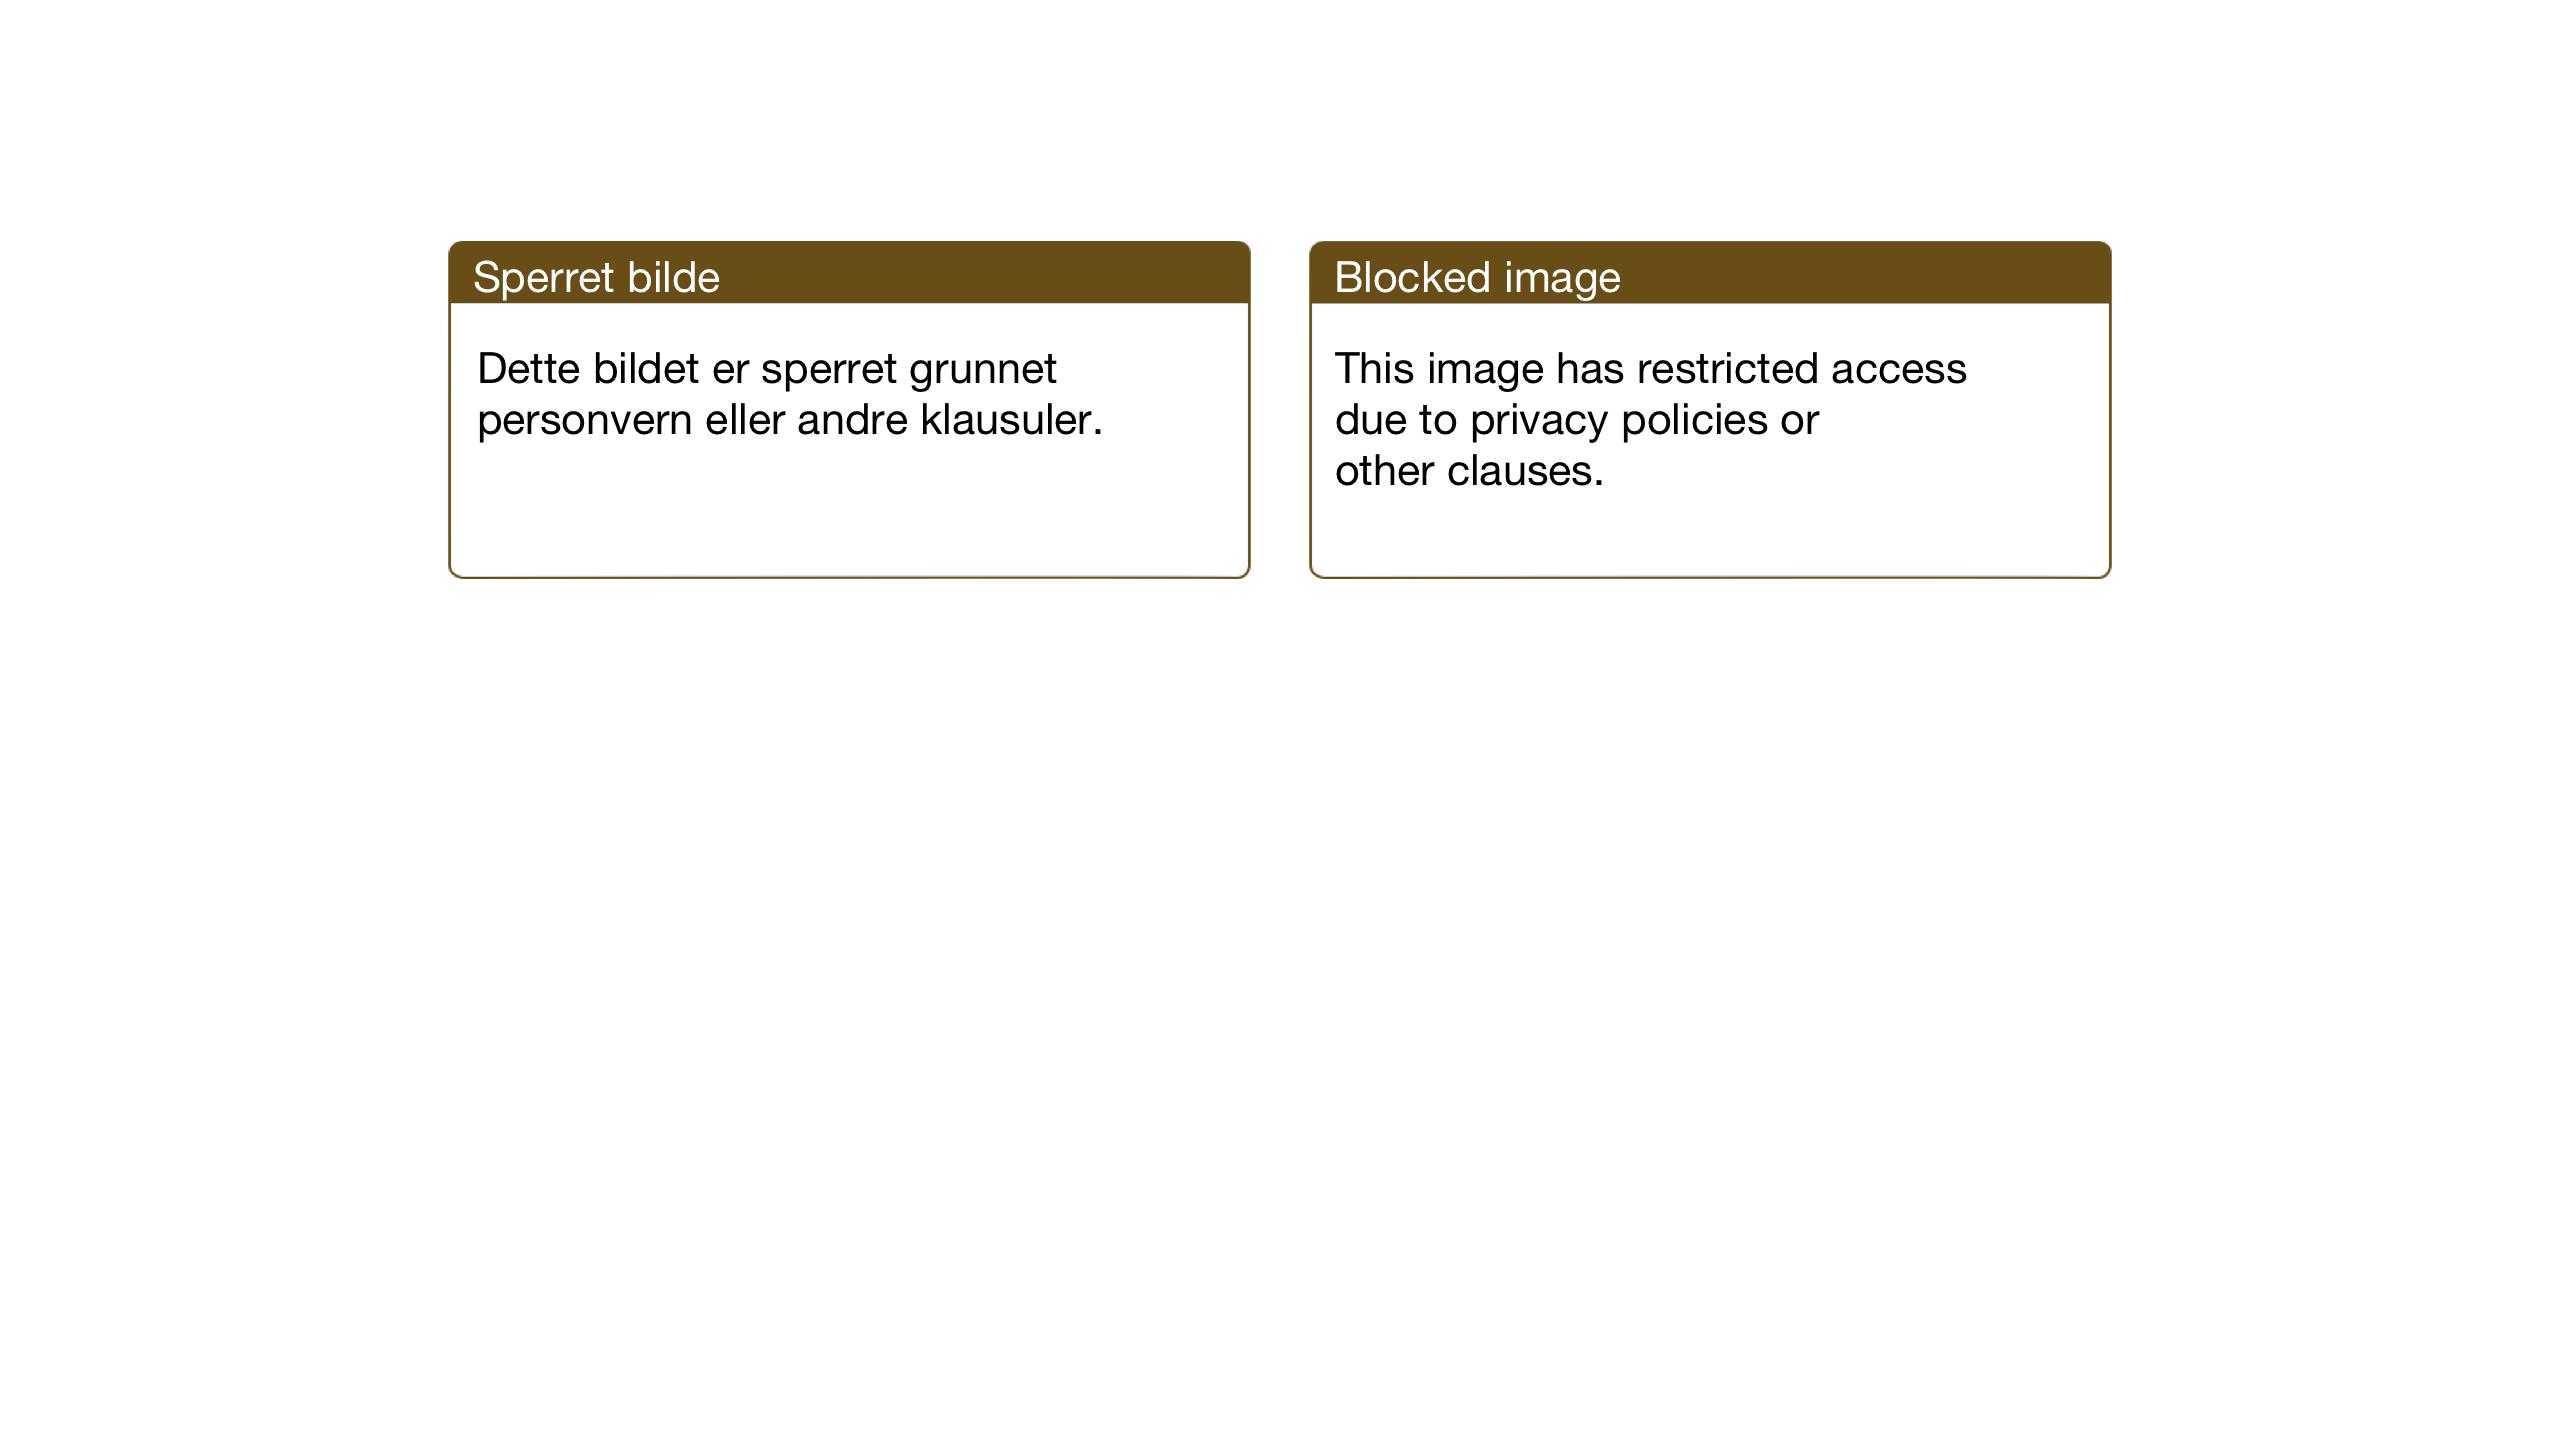 RA, Justisdepartementet, Sivilavdelingen (RA/S-6490), 2000, s. 527